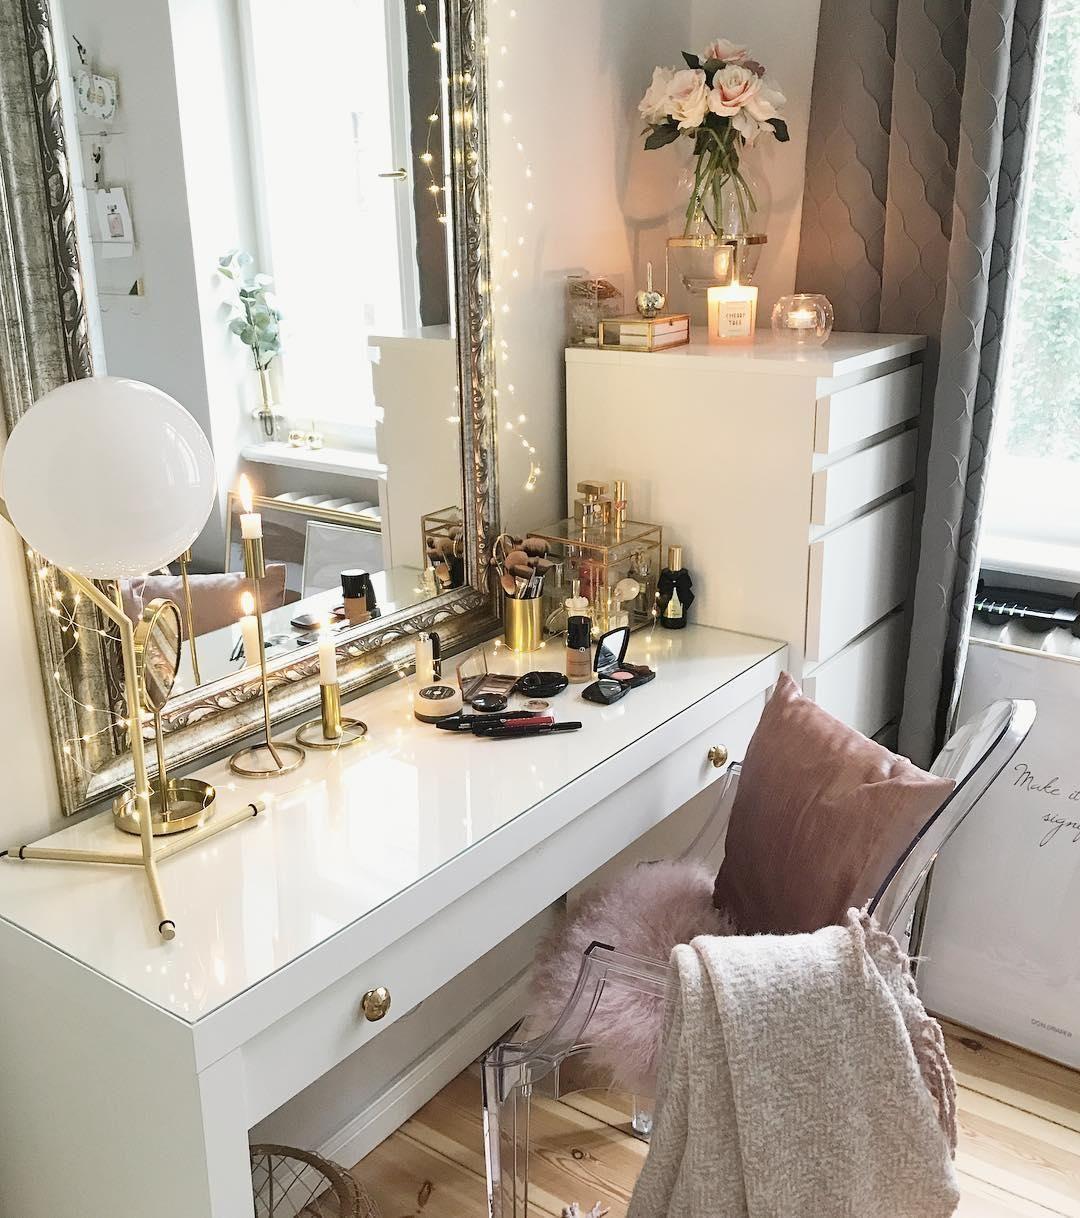 armlehnstuhl louis ghost sofas st hle sessel pinterest schlafzimmer schminktisch und tisch. Black Bedroom Furniture Sets. Home Design Ideas